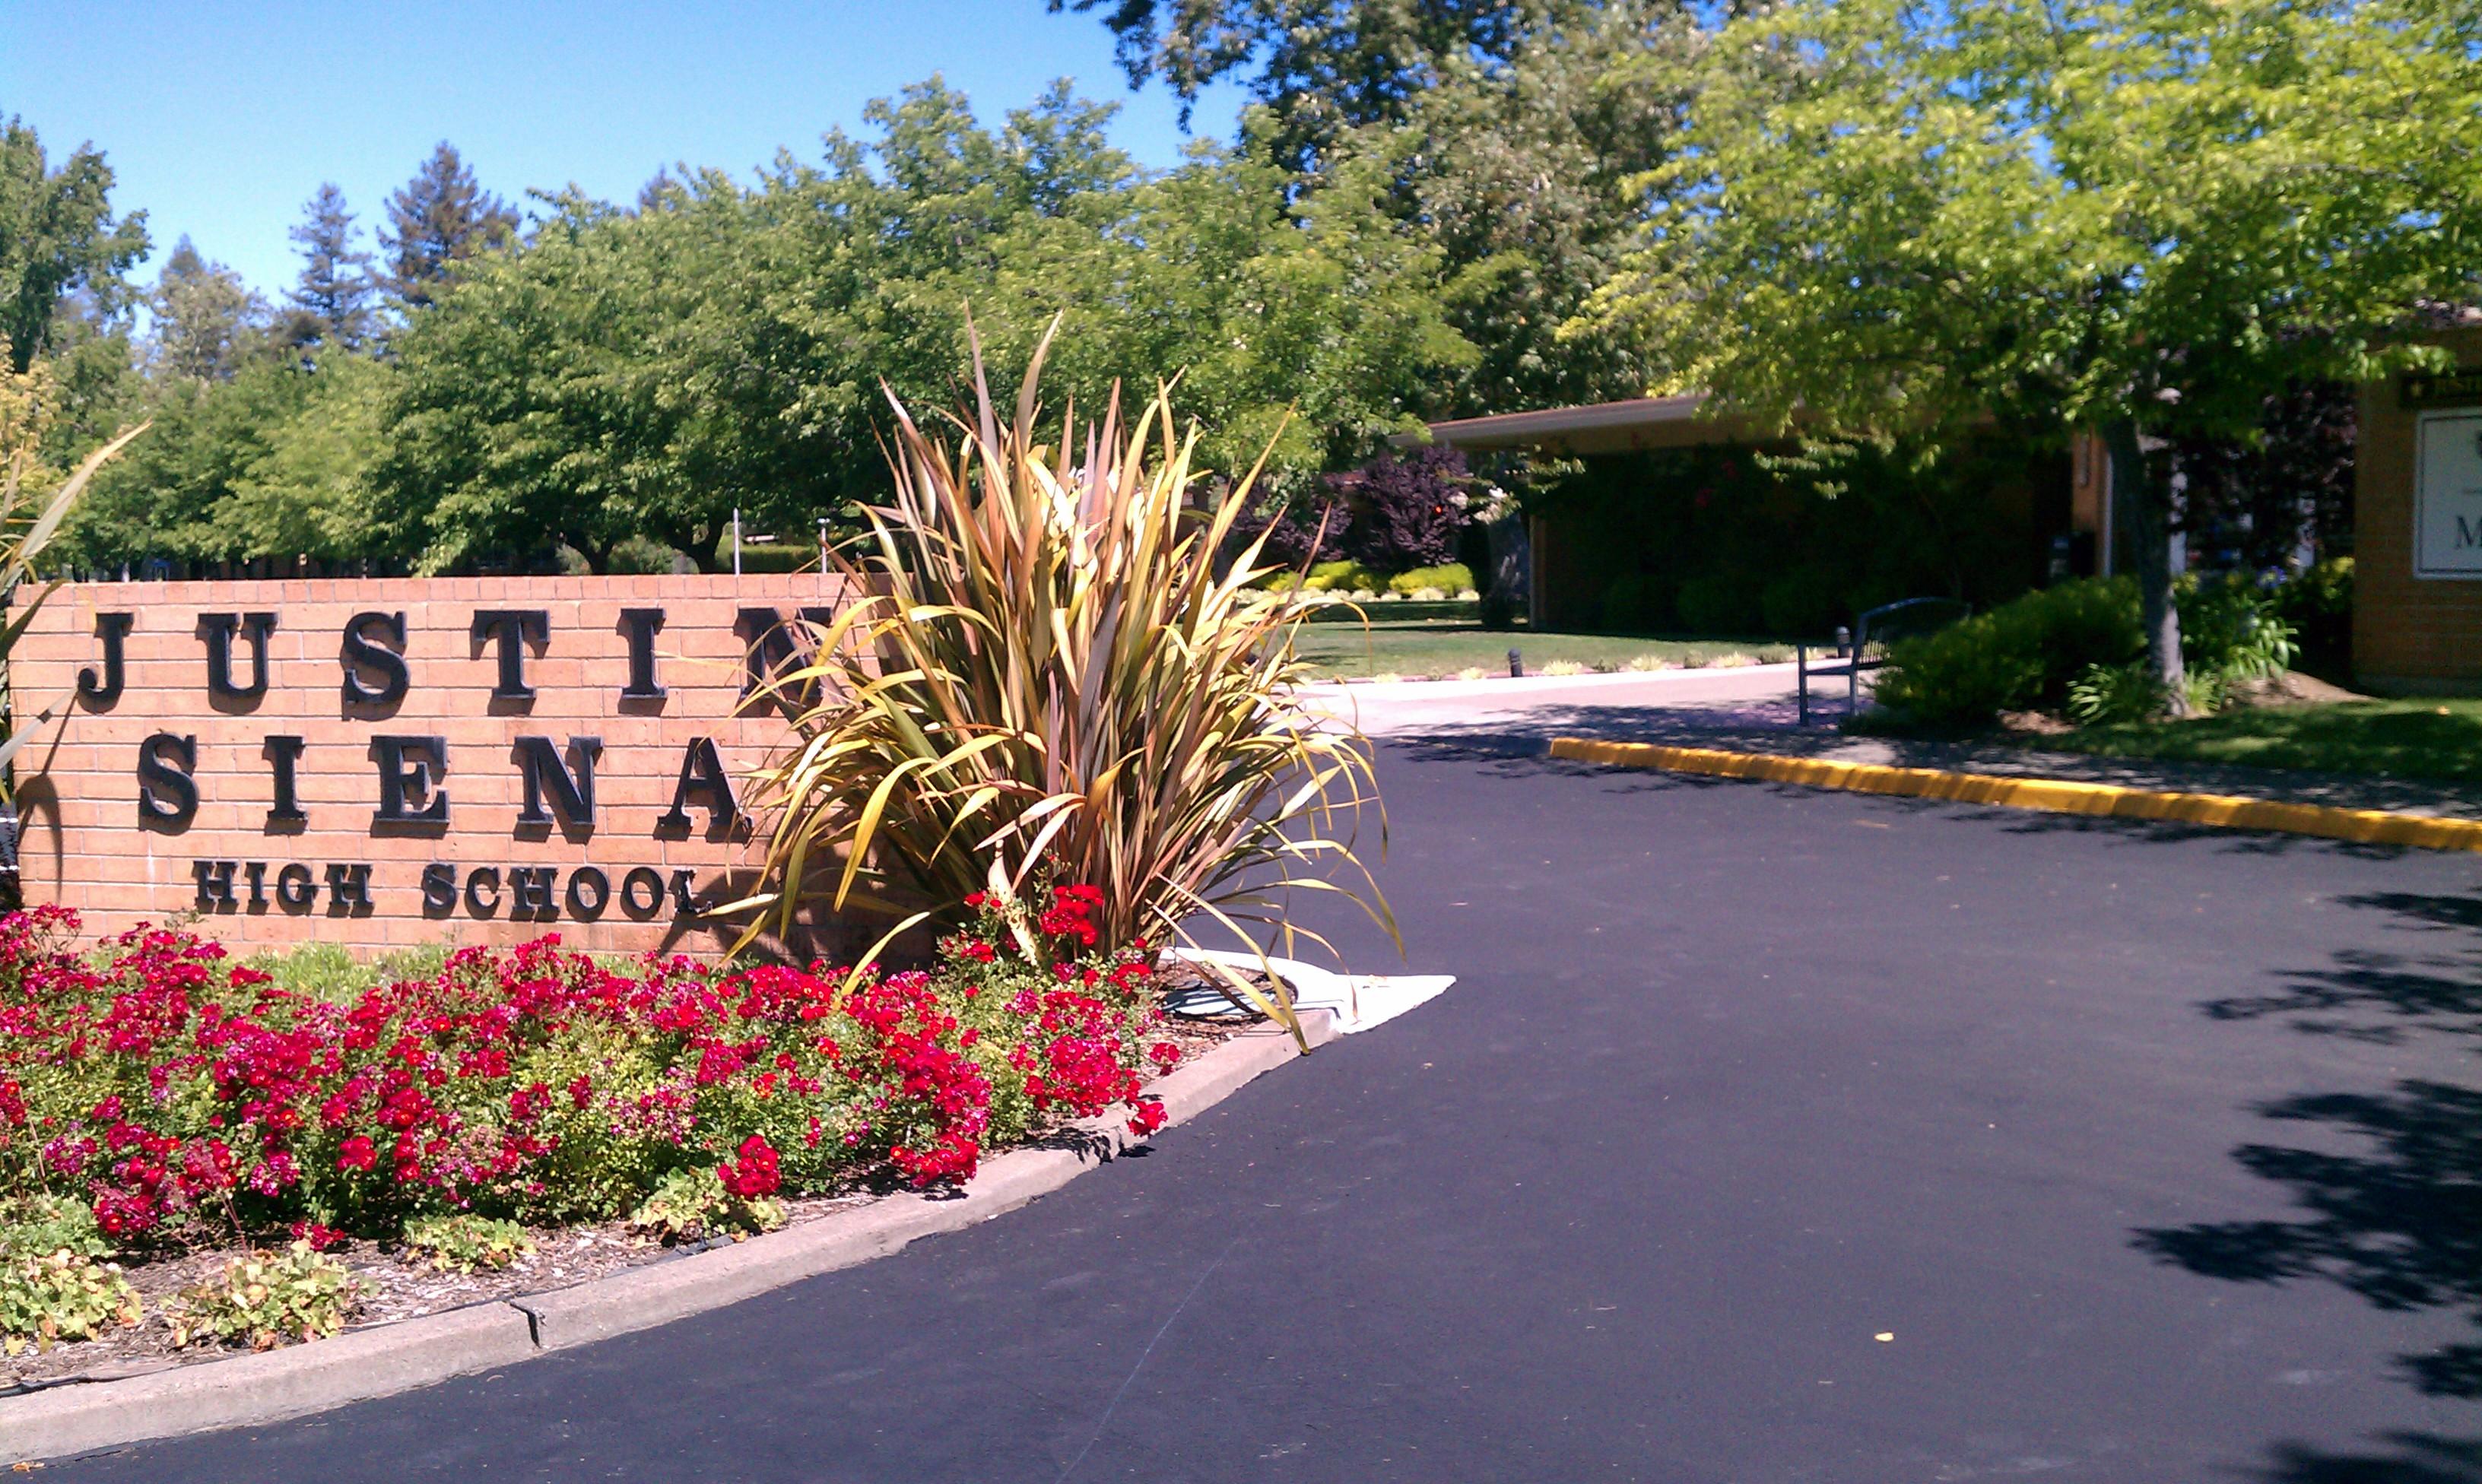 Trường Trung Học Nội Trú Justin Siena Boarding High School - California, USA